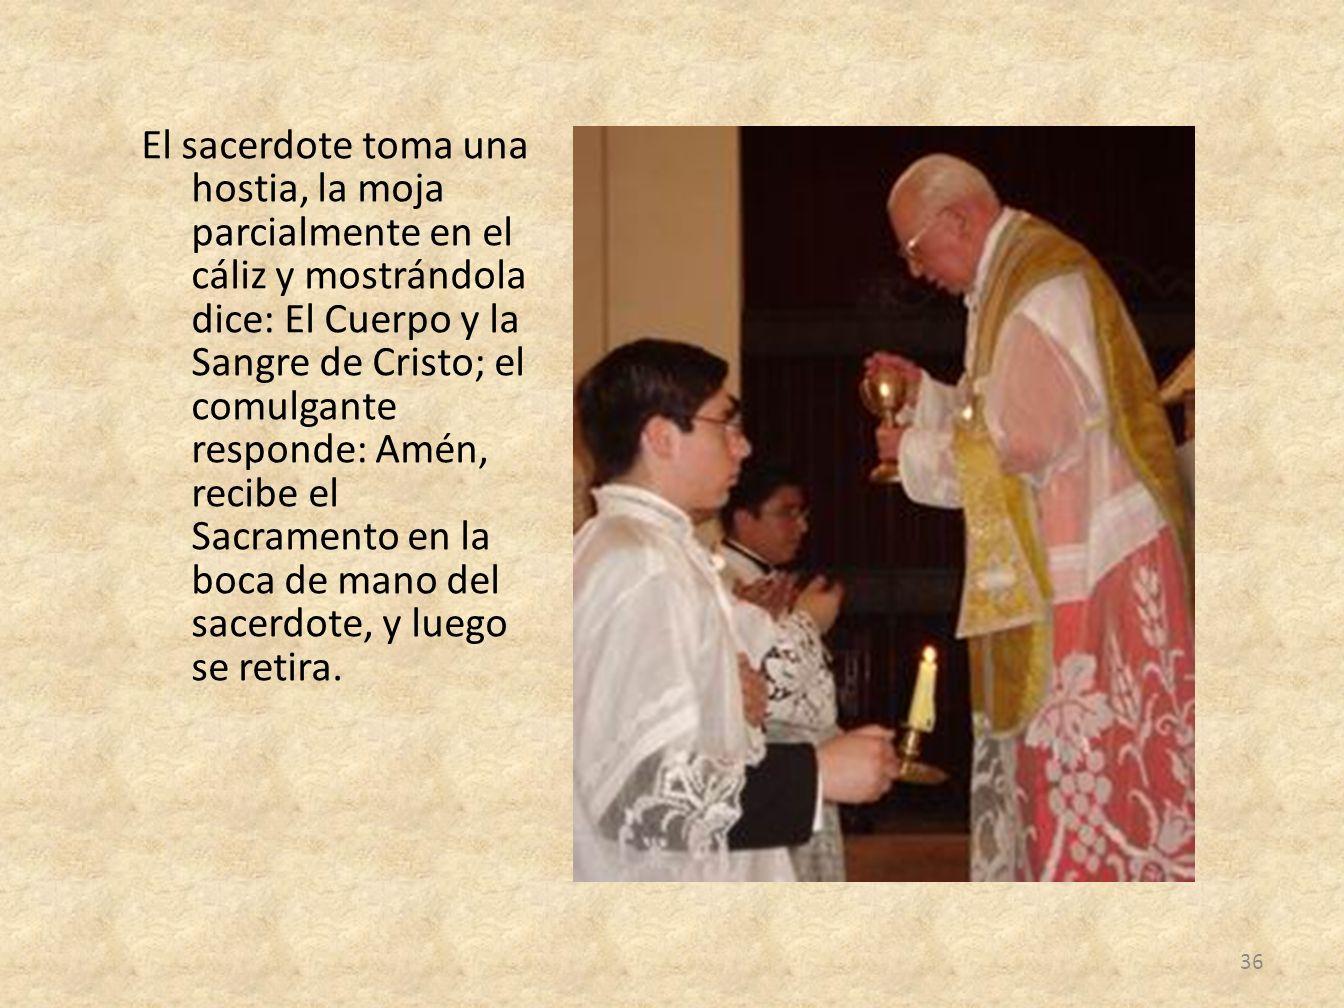 El sacerdote toma una hostia, la moja parcialmente en el cáliz y mostrándola dice: El Cuerpo y la Sangre de Cristo; el comulgante responde: Amén, recibe el Sacramento en la boca de mano del sacerdote, y luego se retira.